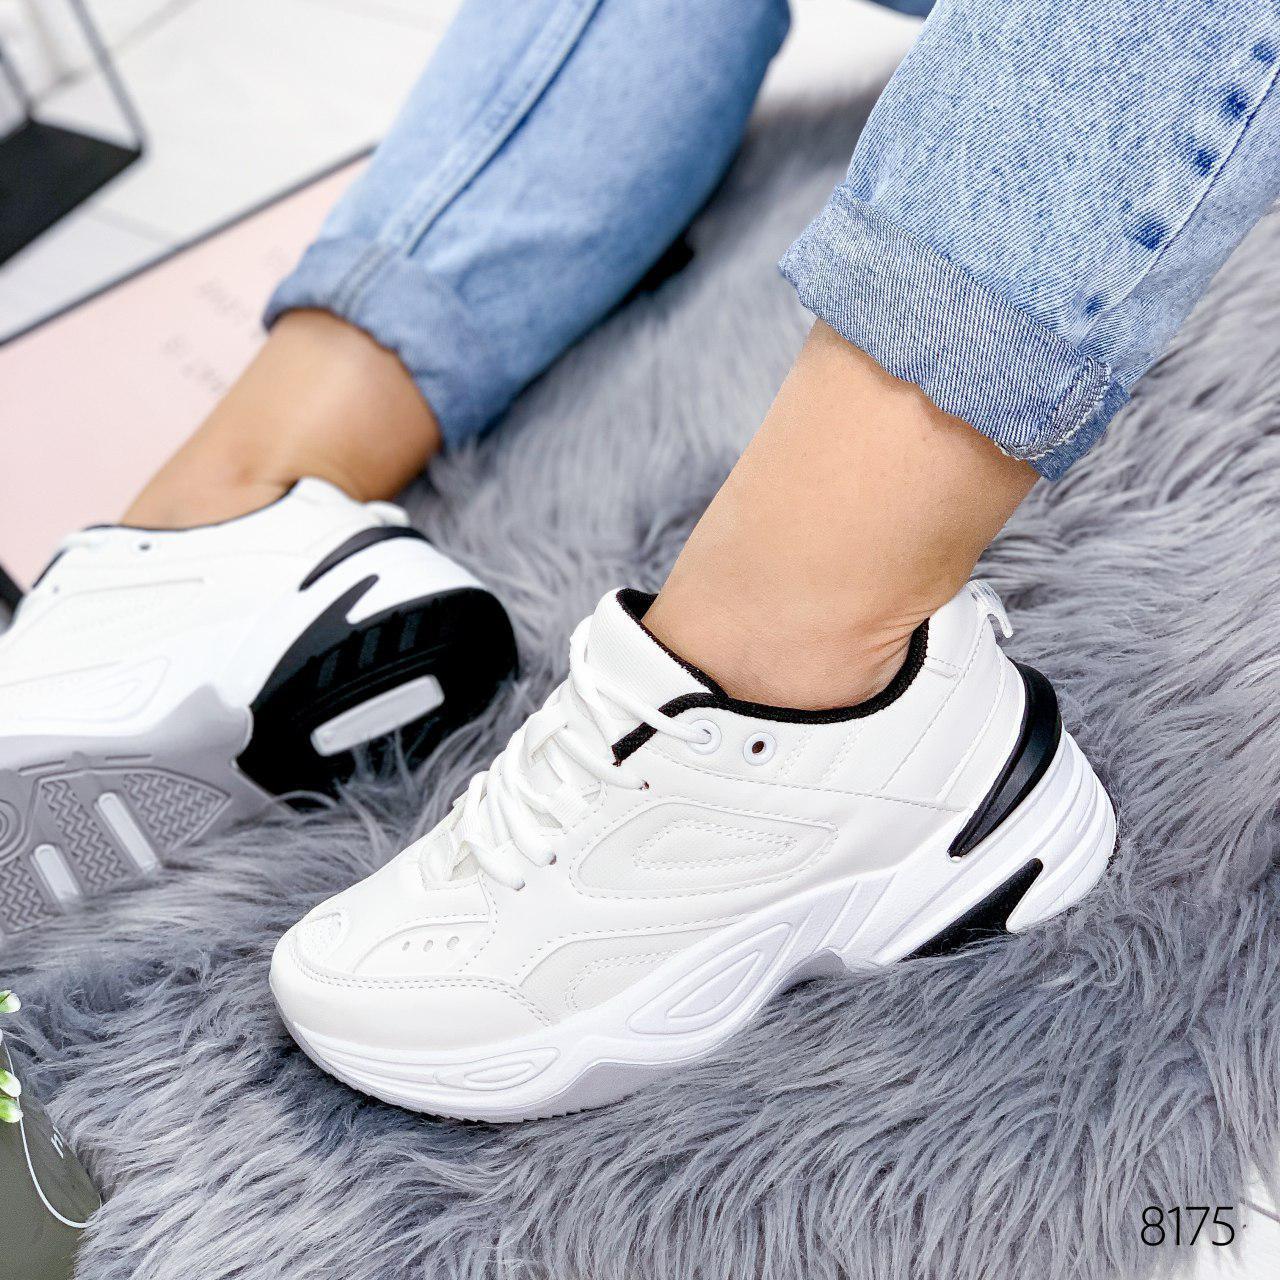 """Кросівки жіночі """"Lakes"""" білого кольору з еко шкіри. Кеди жіночі. Мокасини жіночі. Взуття жіноче"""